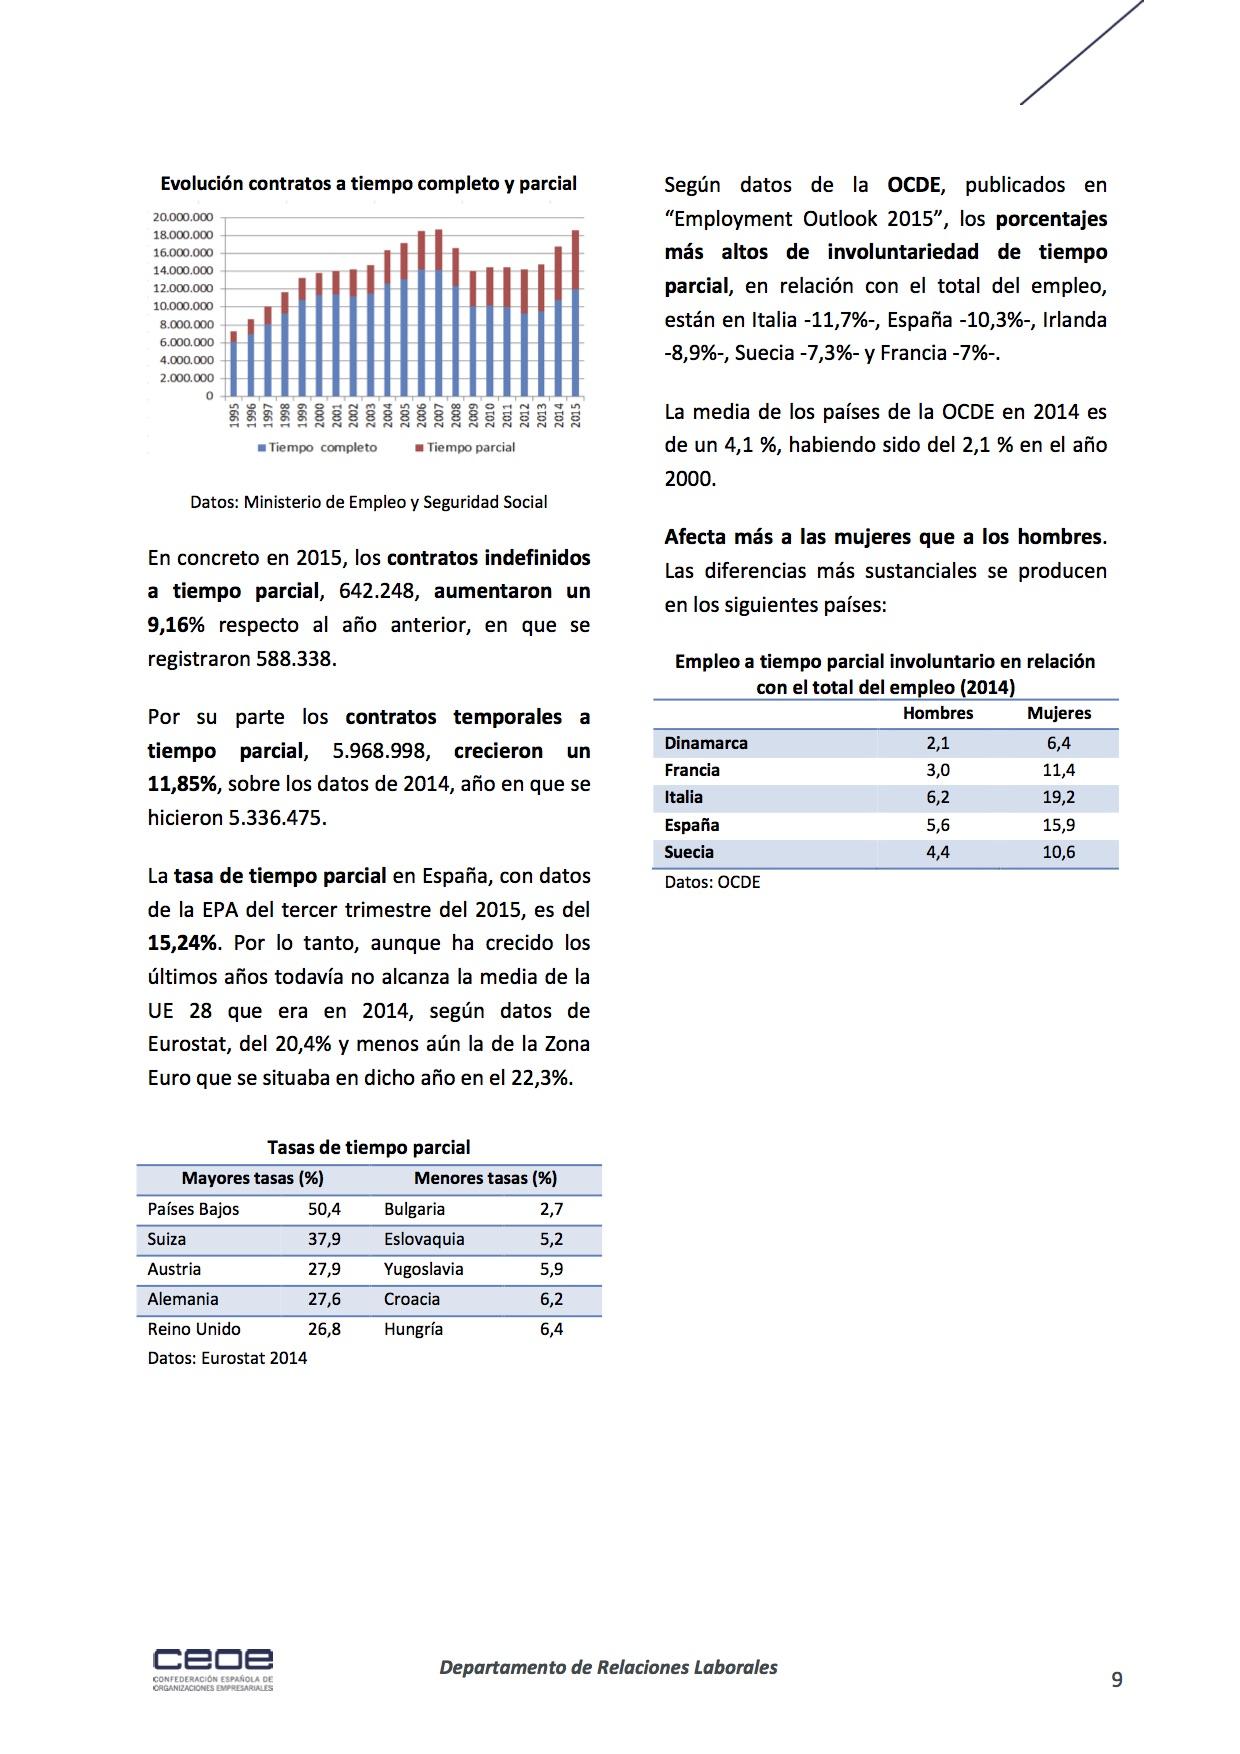 9publications_docs-file-175-analisis-del-mercado-laboral-de-2015